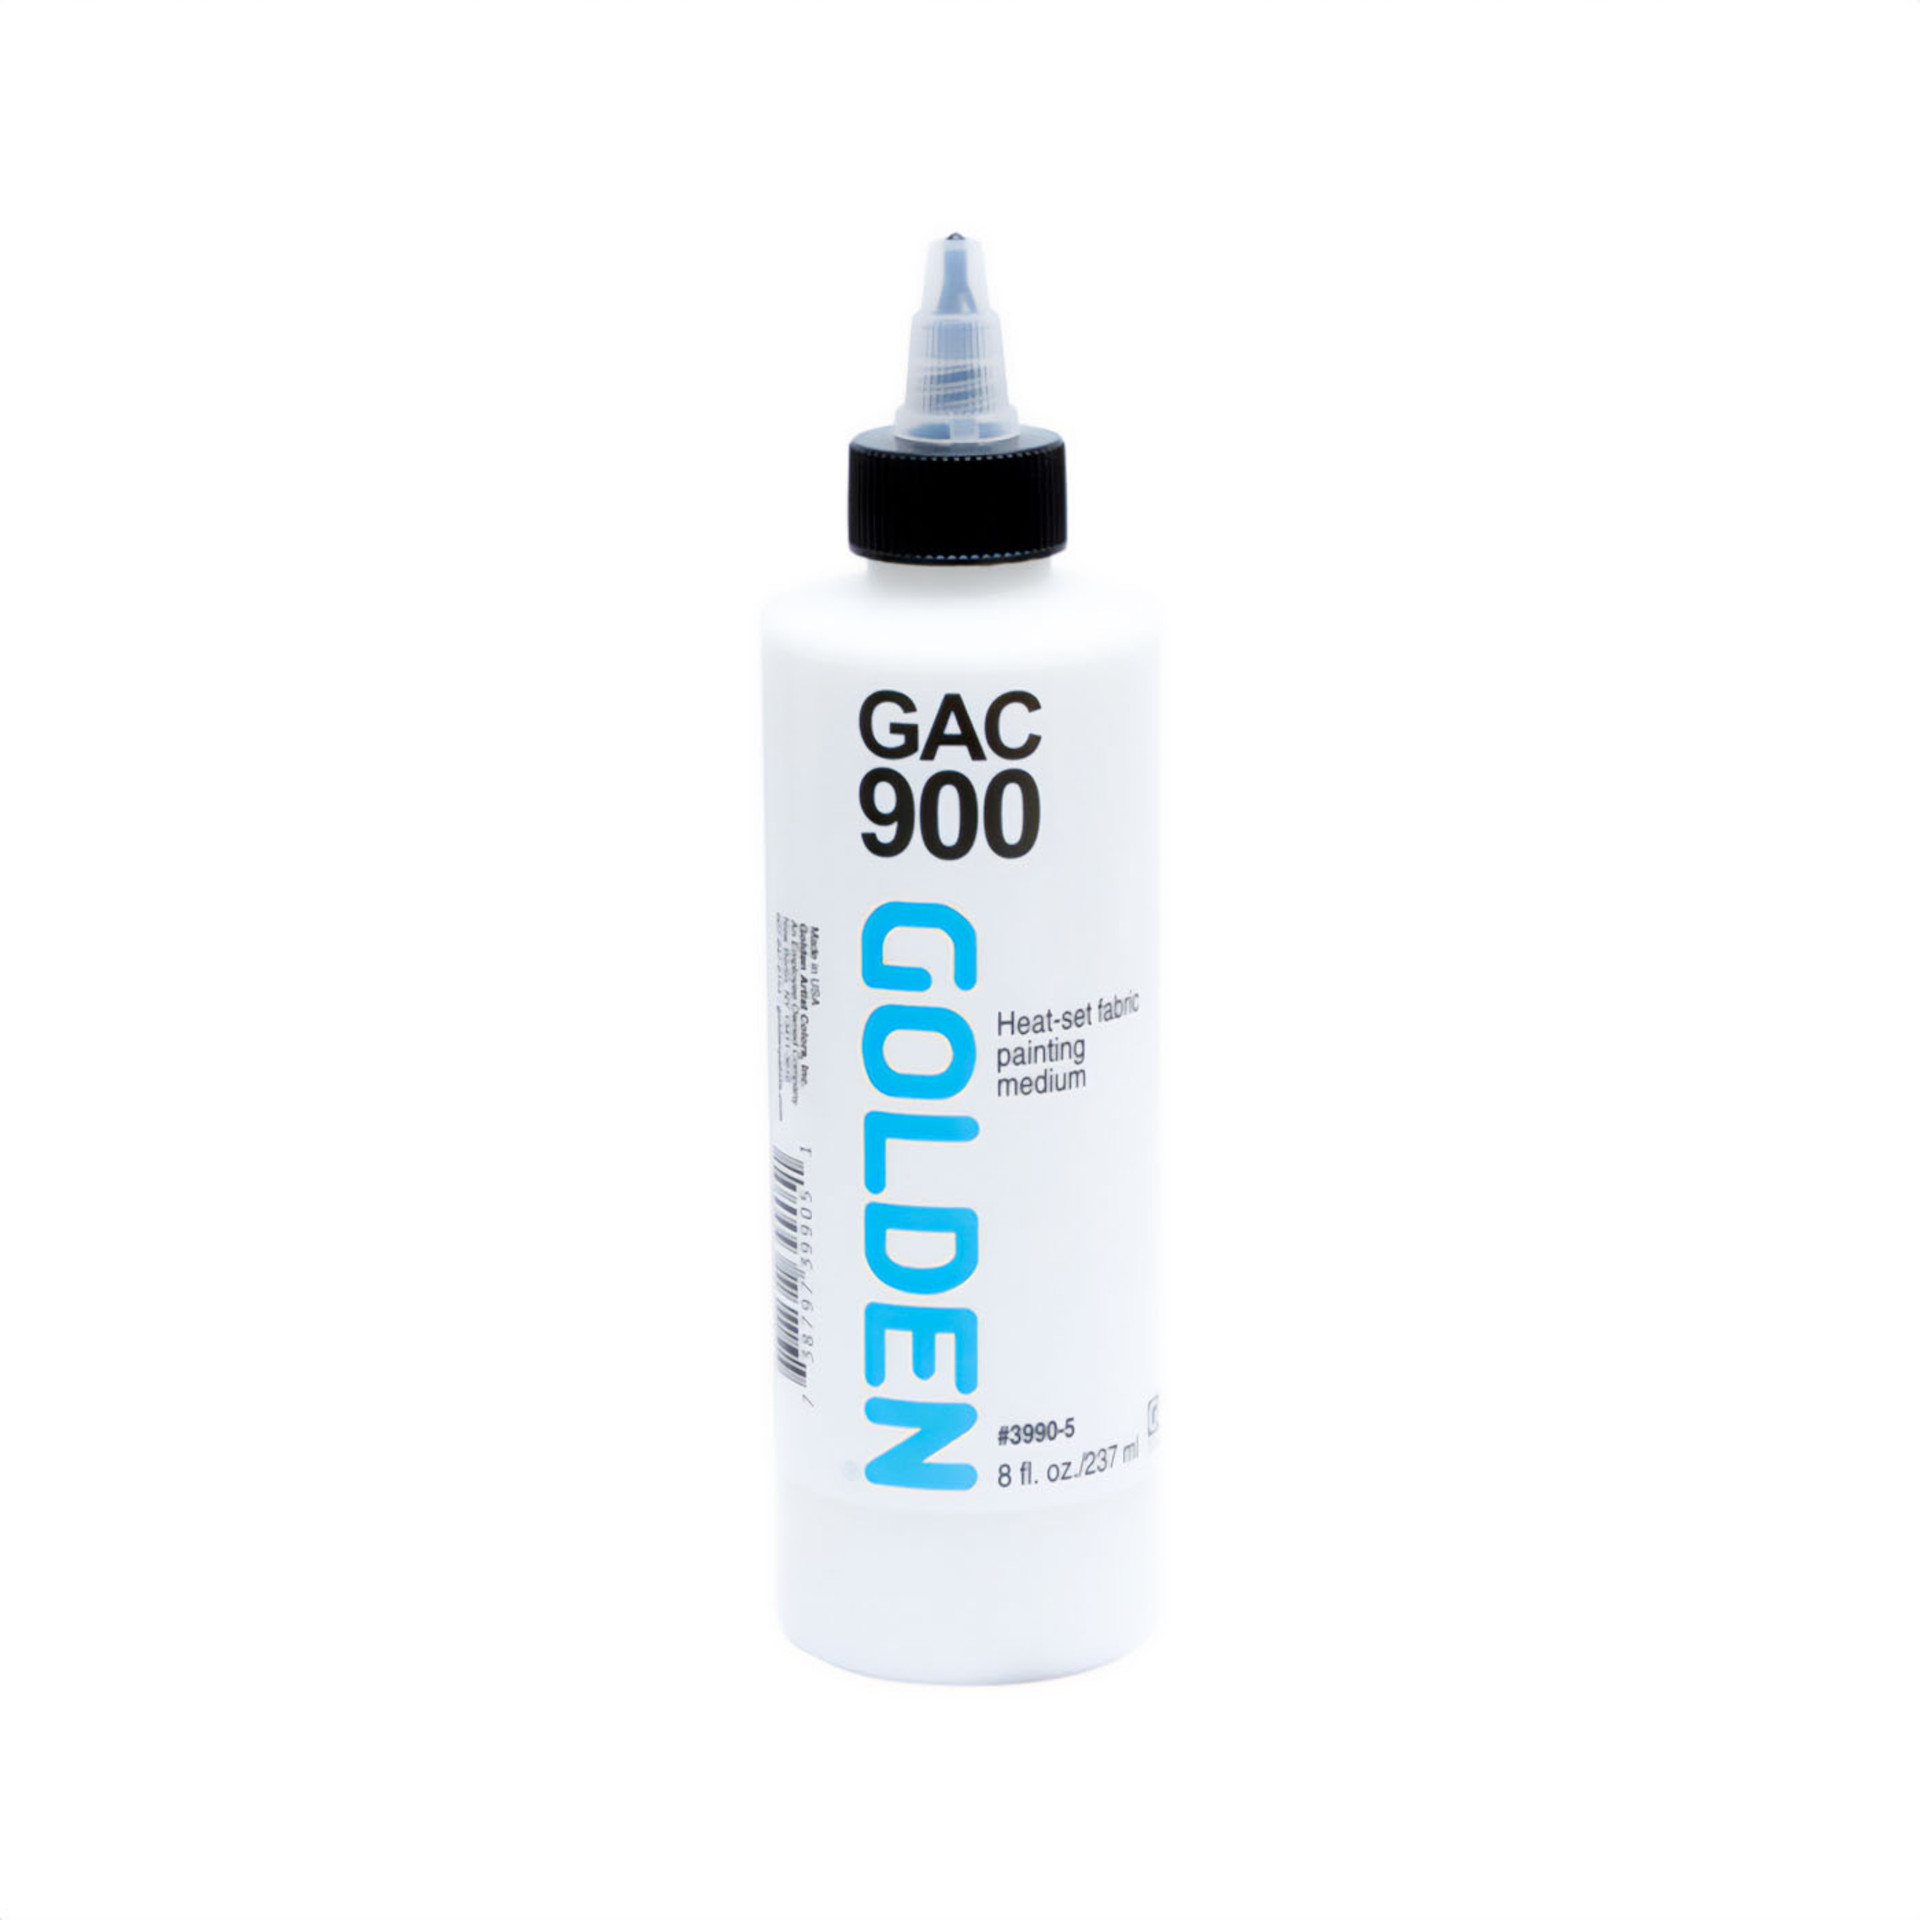 Golden Artist 8oz GAC 900 Heat Set Acrylic